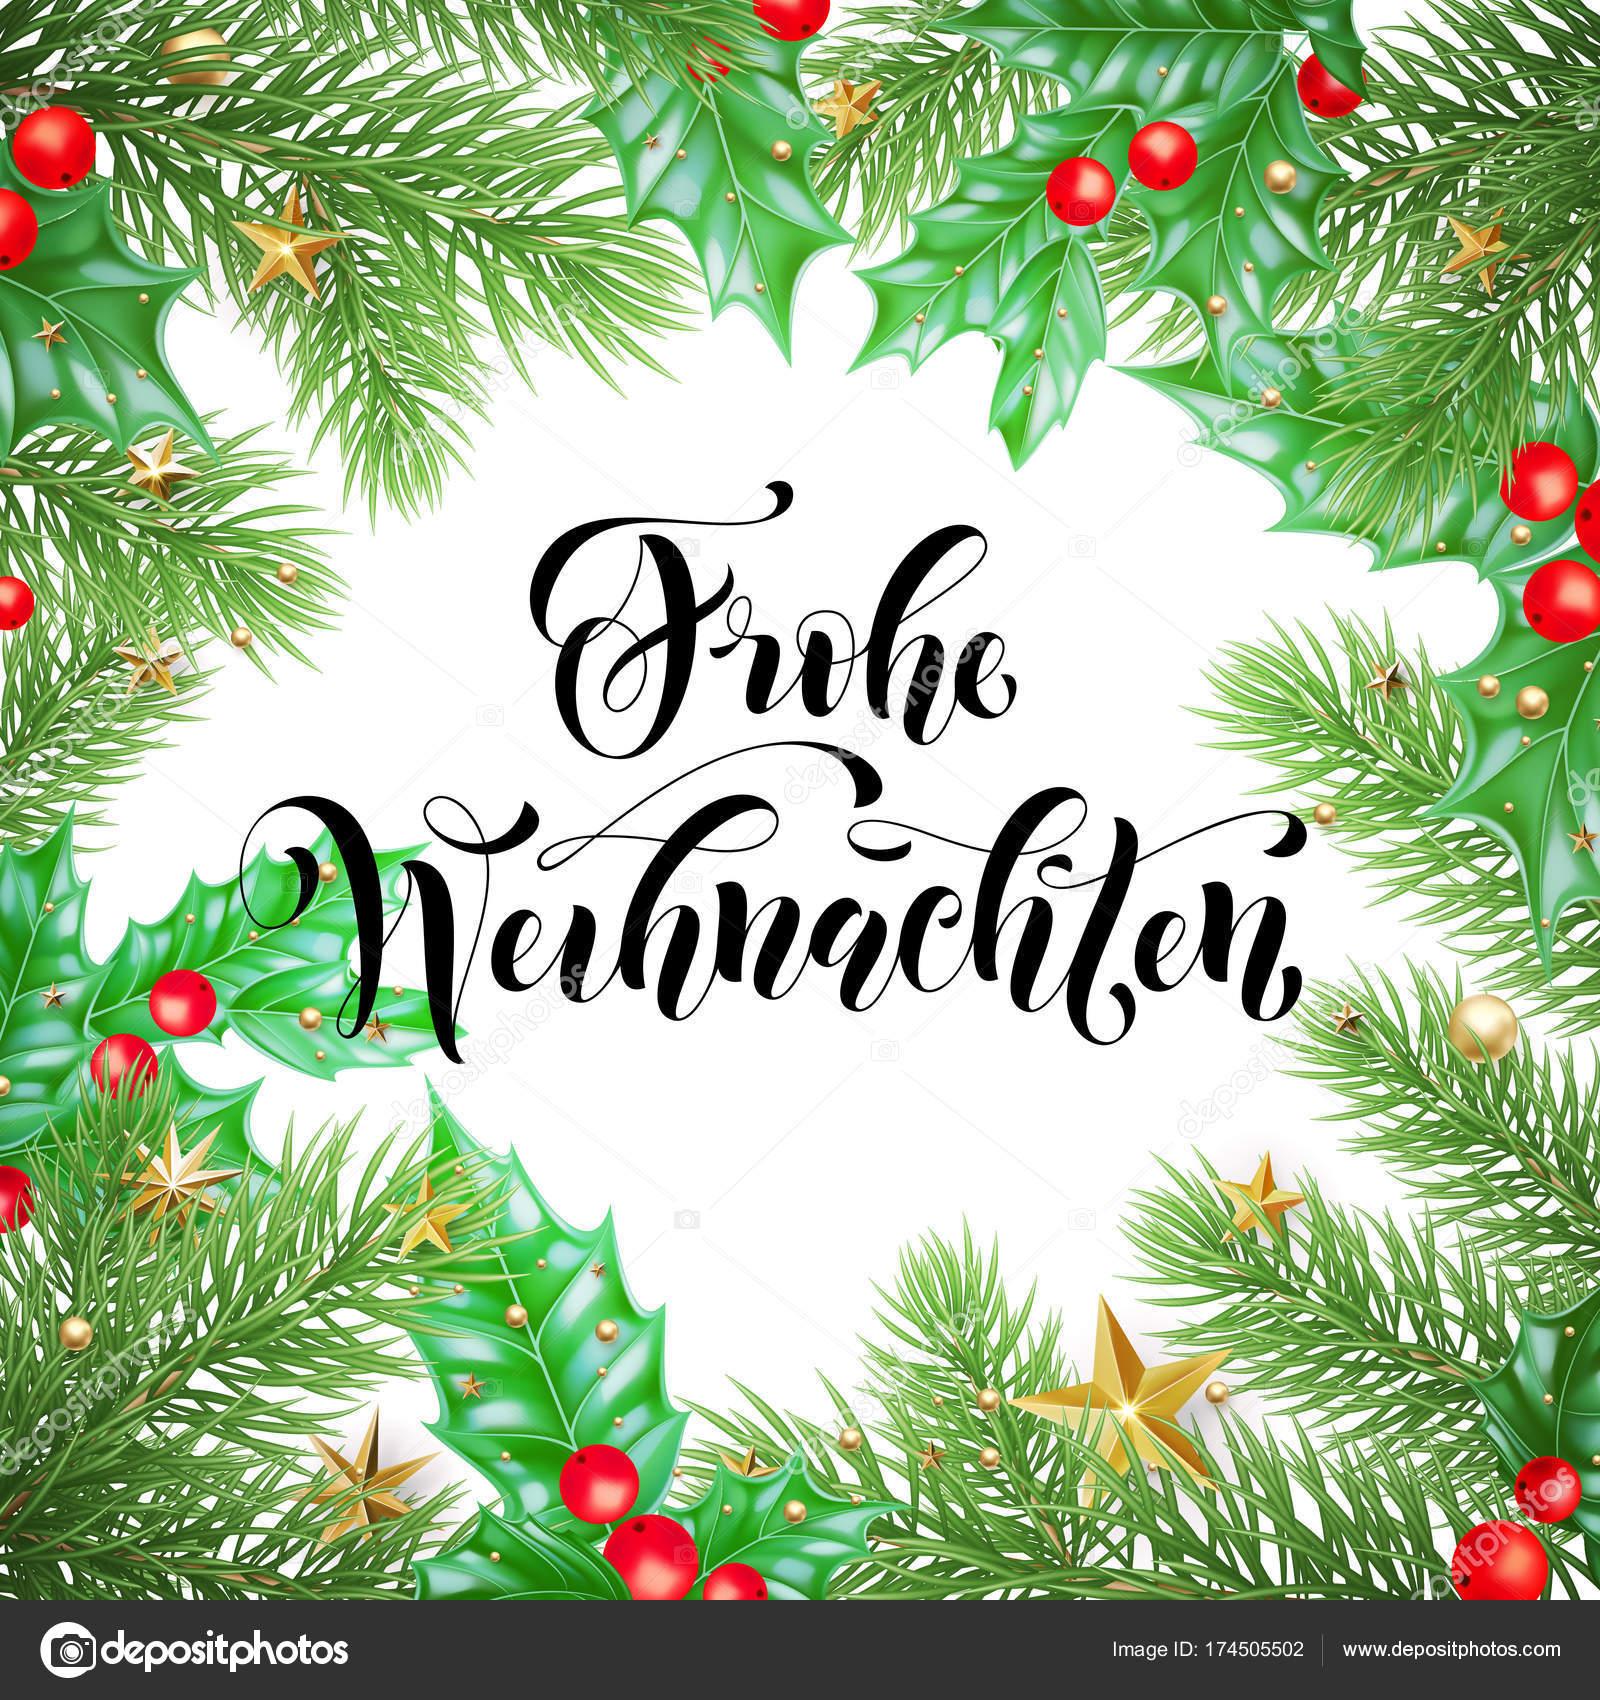 Frohe Weihnachten German Merry